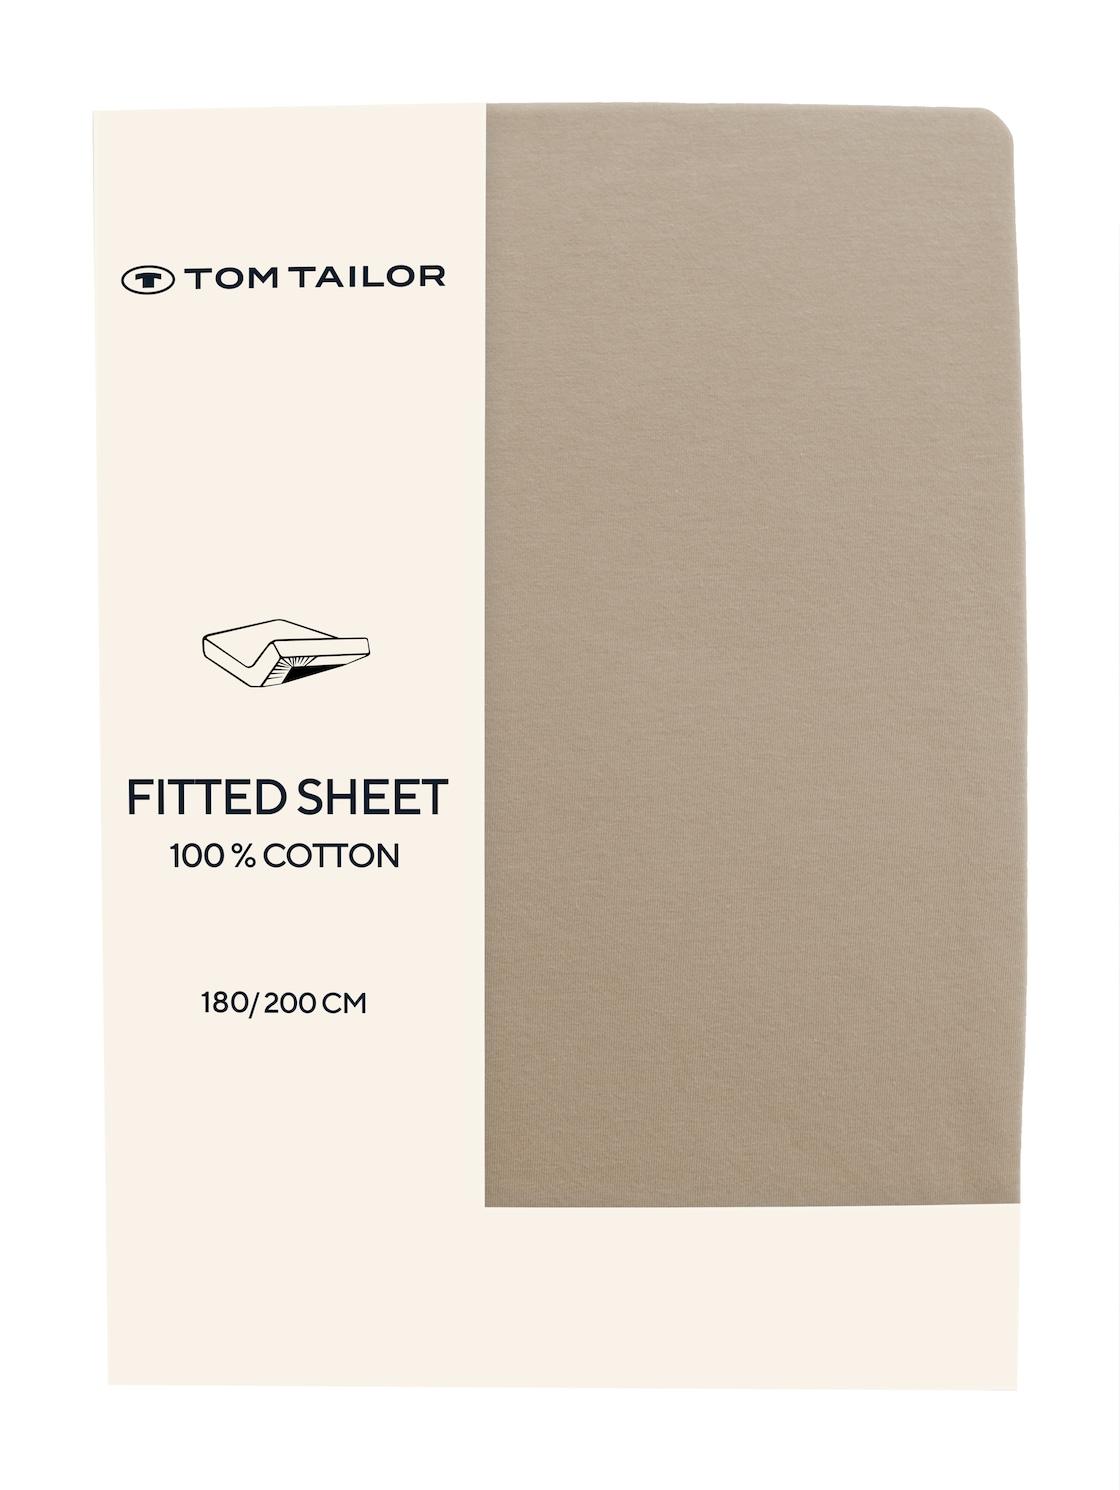 TOM TAILOR Unisex Spannbettlaken aus Jersey, sand, unifarben, Gr 180/200